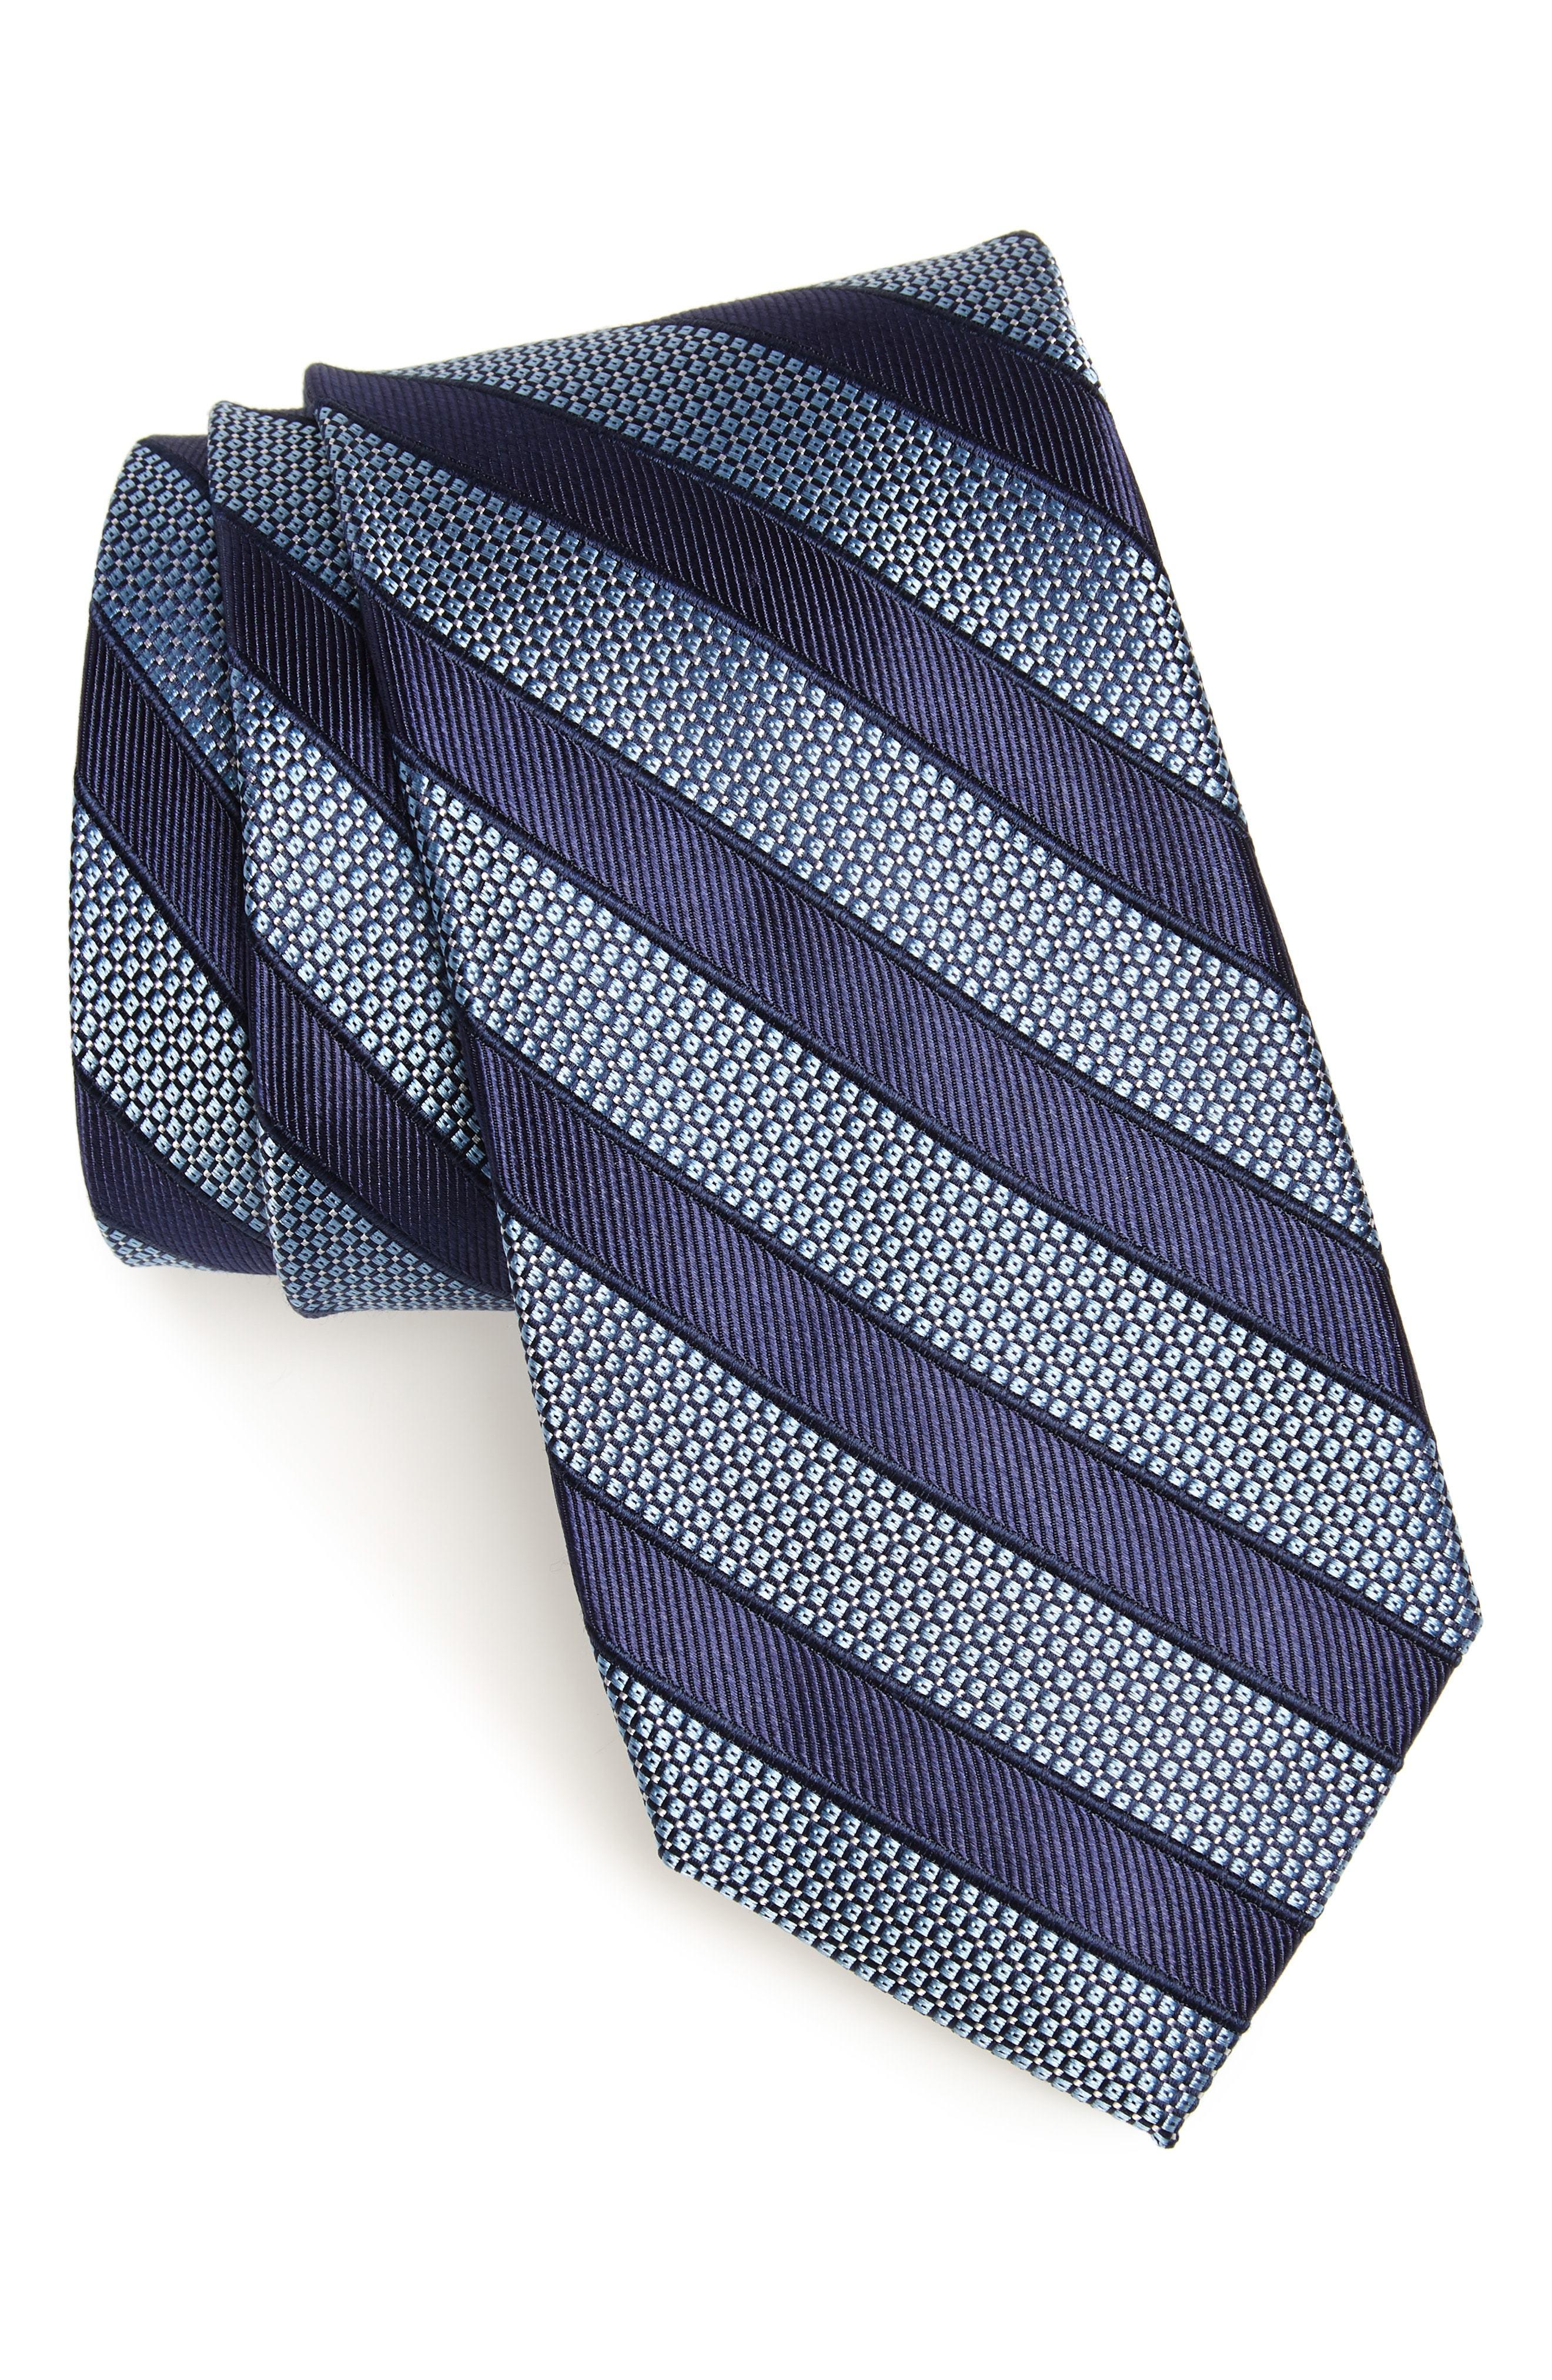 Nordstrom Men's Shop Crawford Stripe Silk Cotton Tie